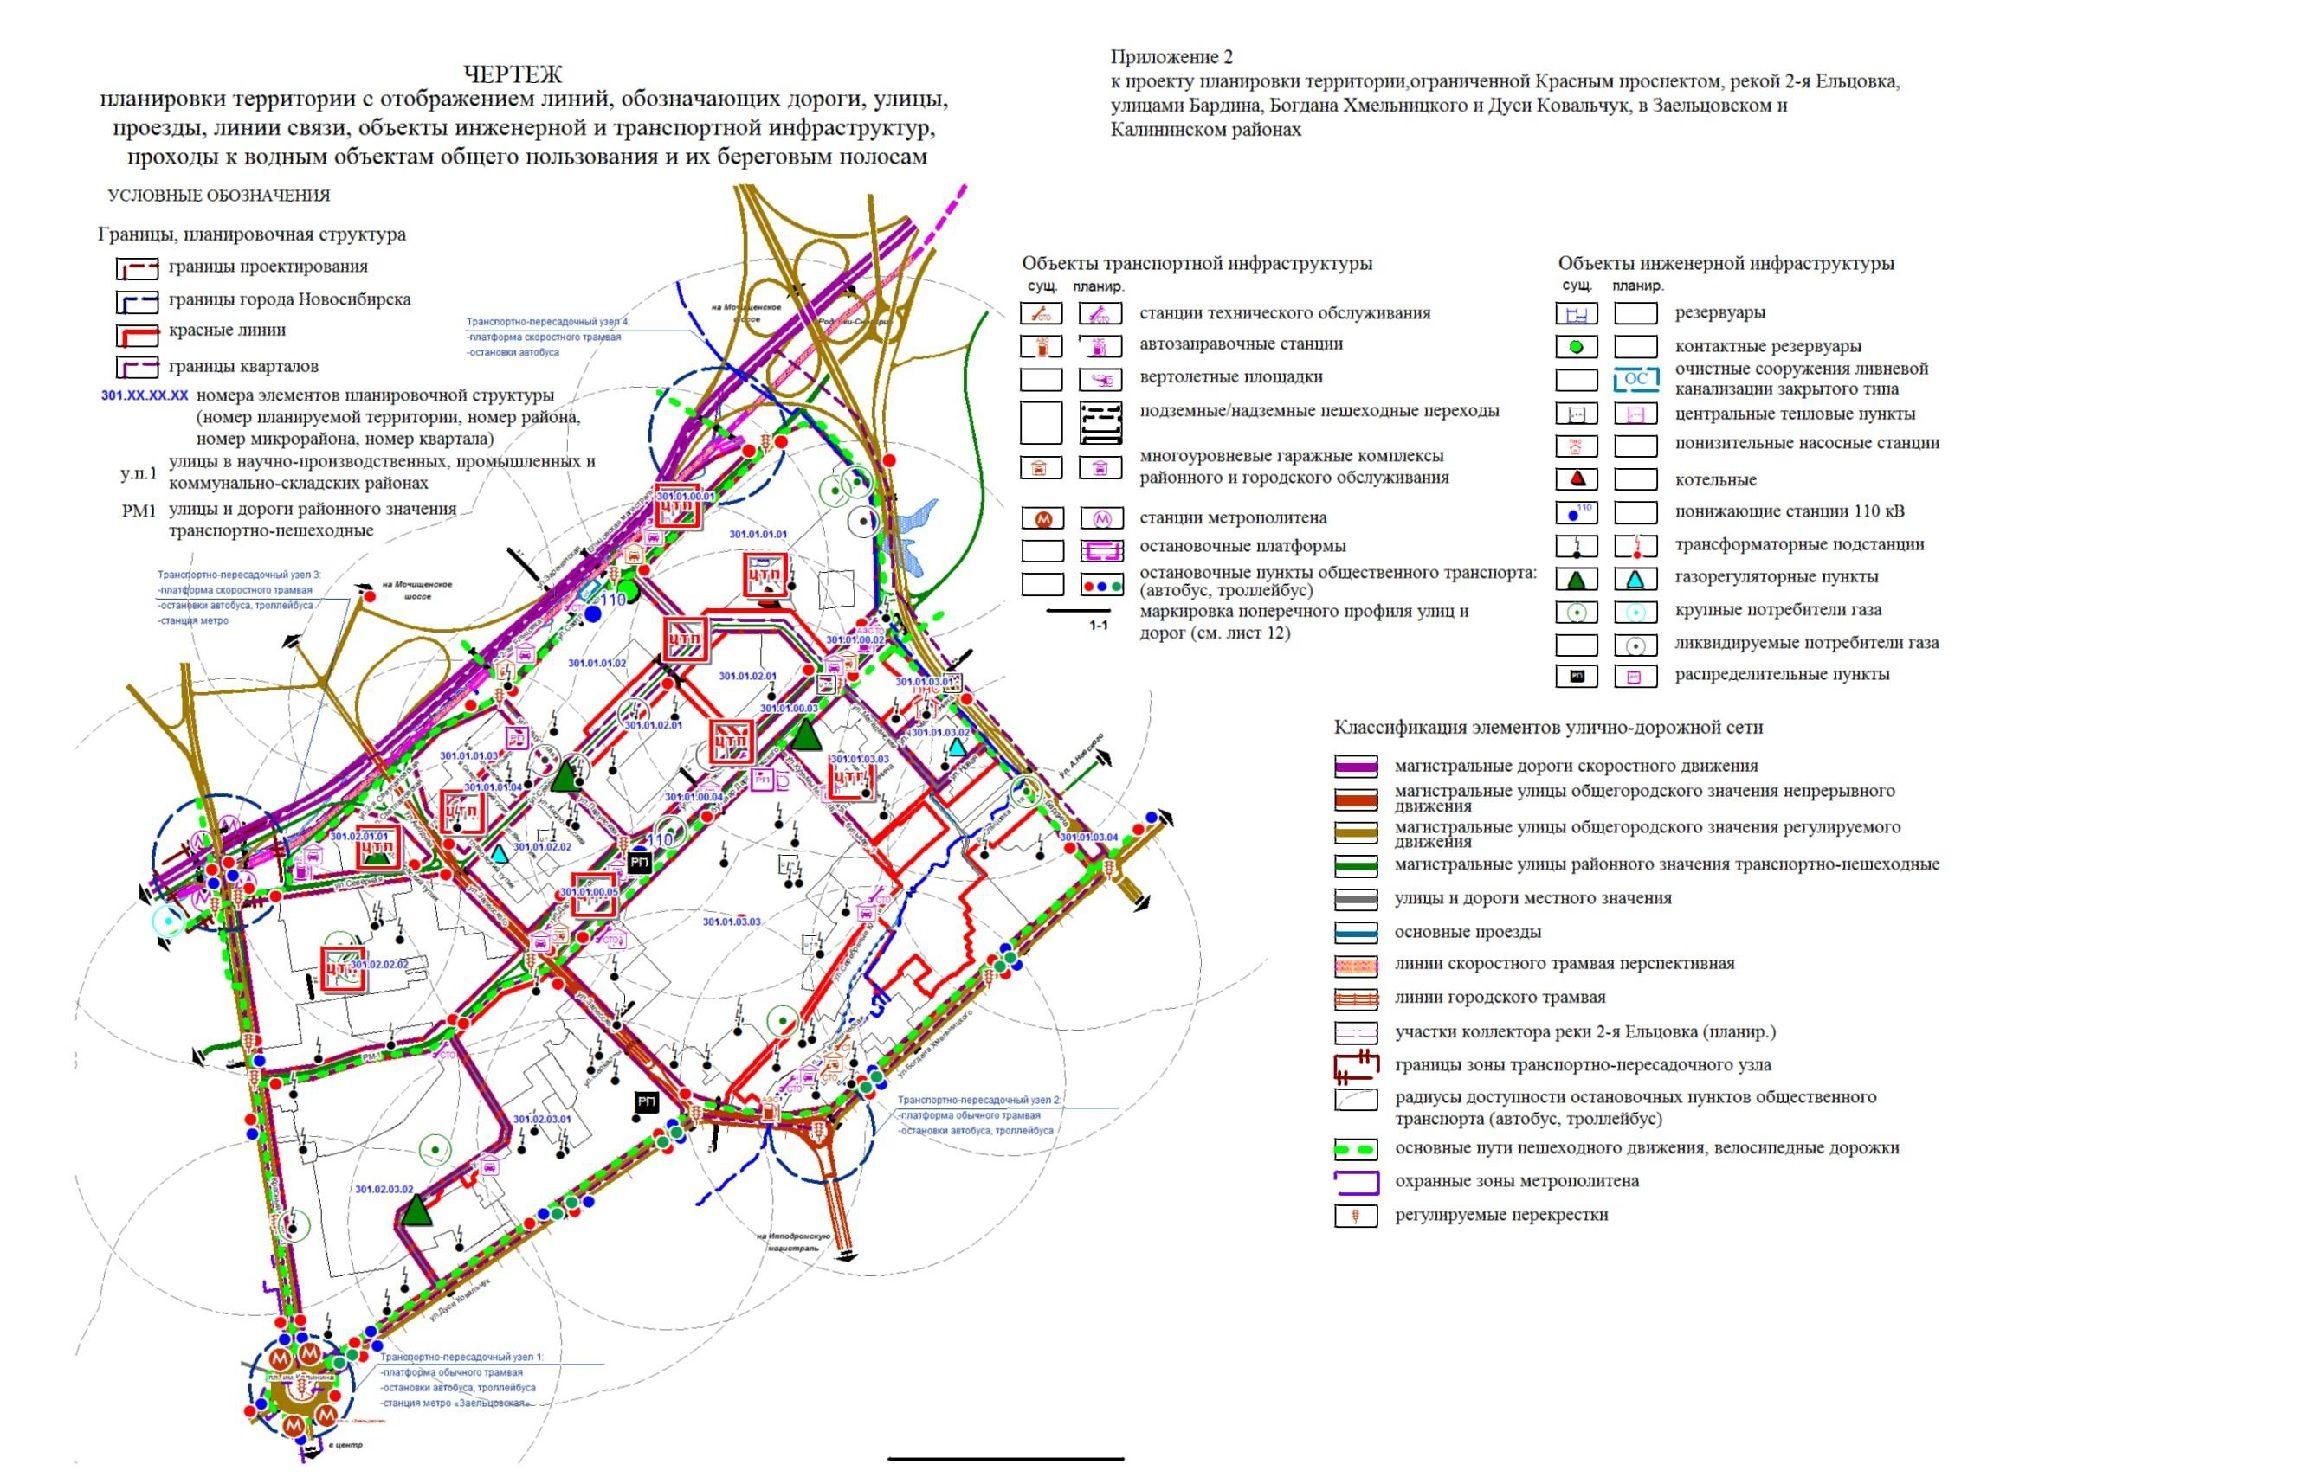 Чертеж планировки территории с отображением линий, обозначающих дороги, улицы, проезды, линии связи, объекты инженерной и транспортной инфраструктур, проходы к водным объектам общего пользования и их береговым полосам